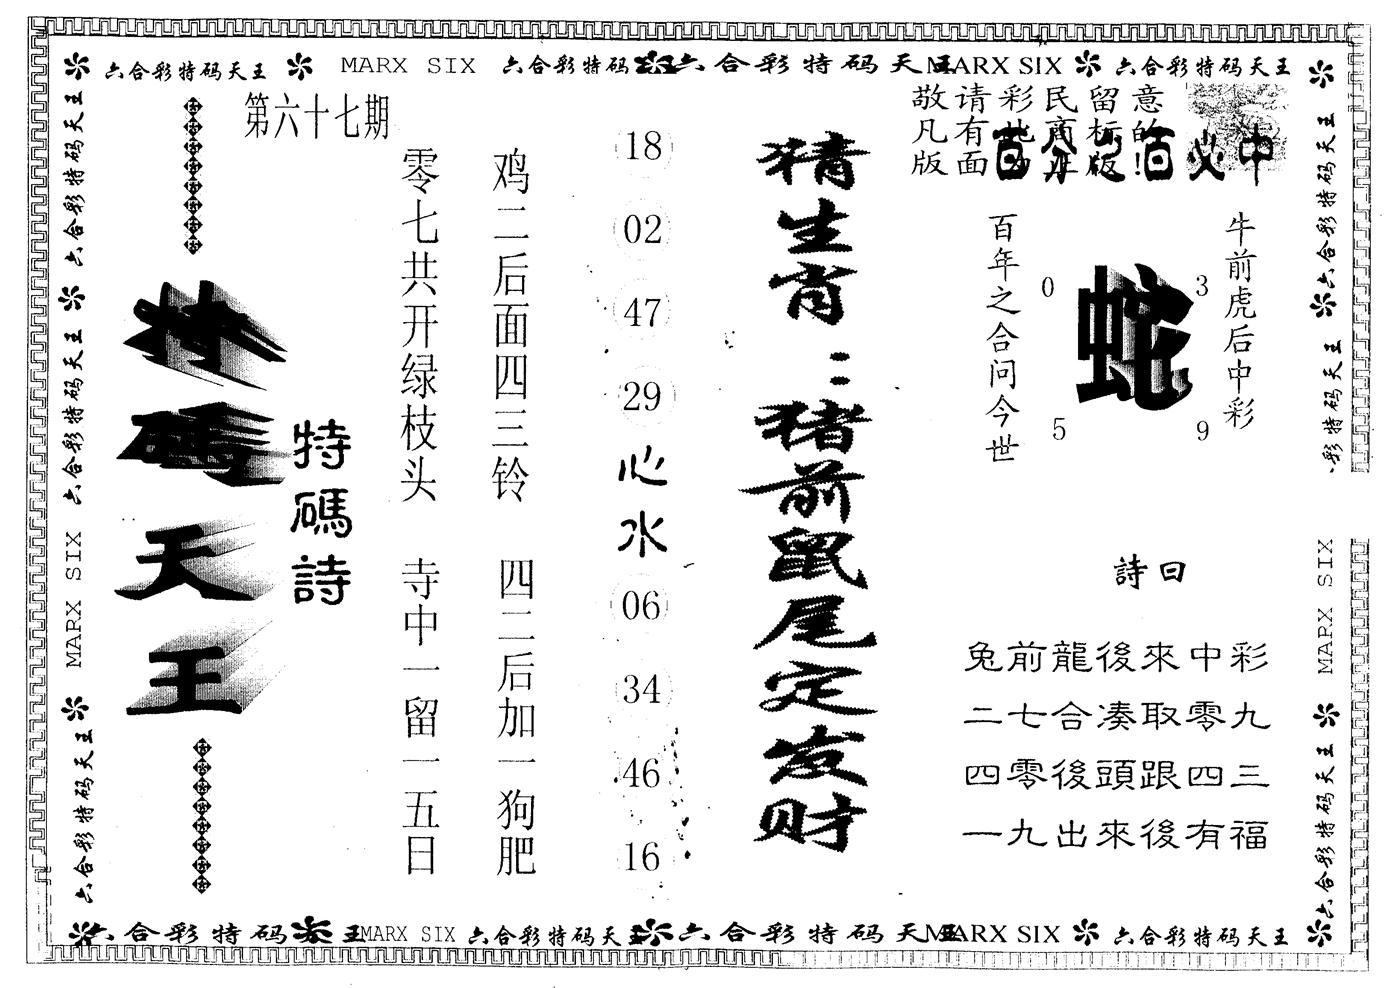 067期另版特码天王(黑白)